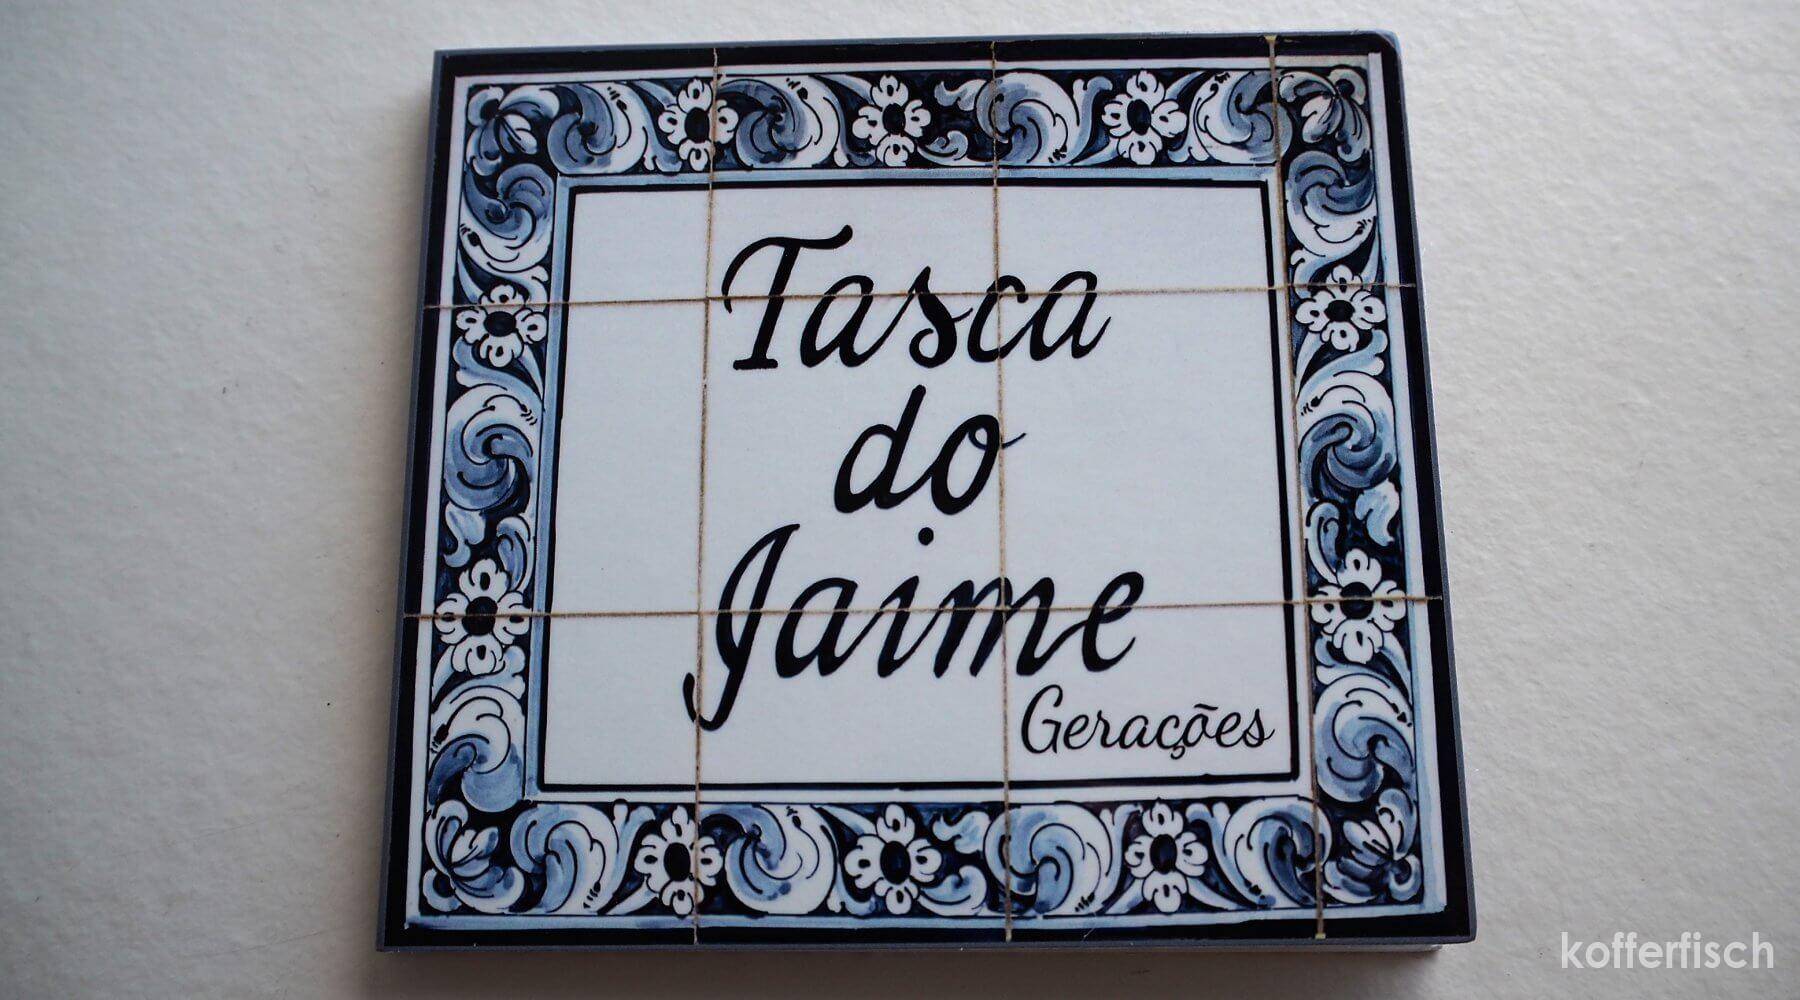 Tasca Do Jaime